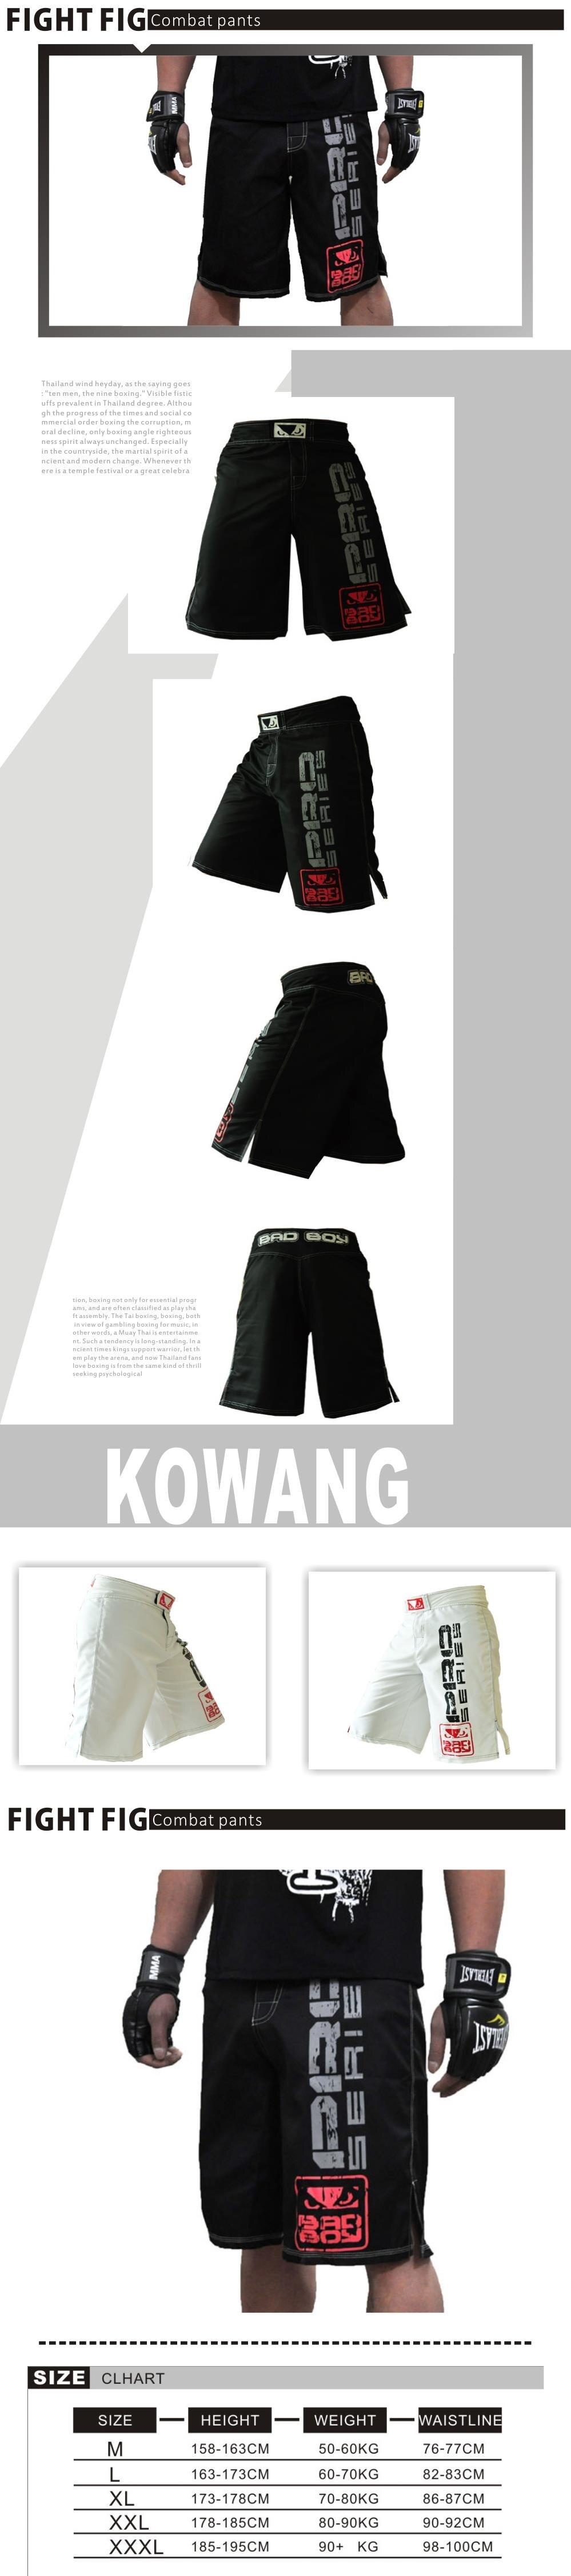 Mustad või valged lühikesed püksid